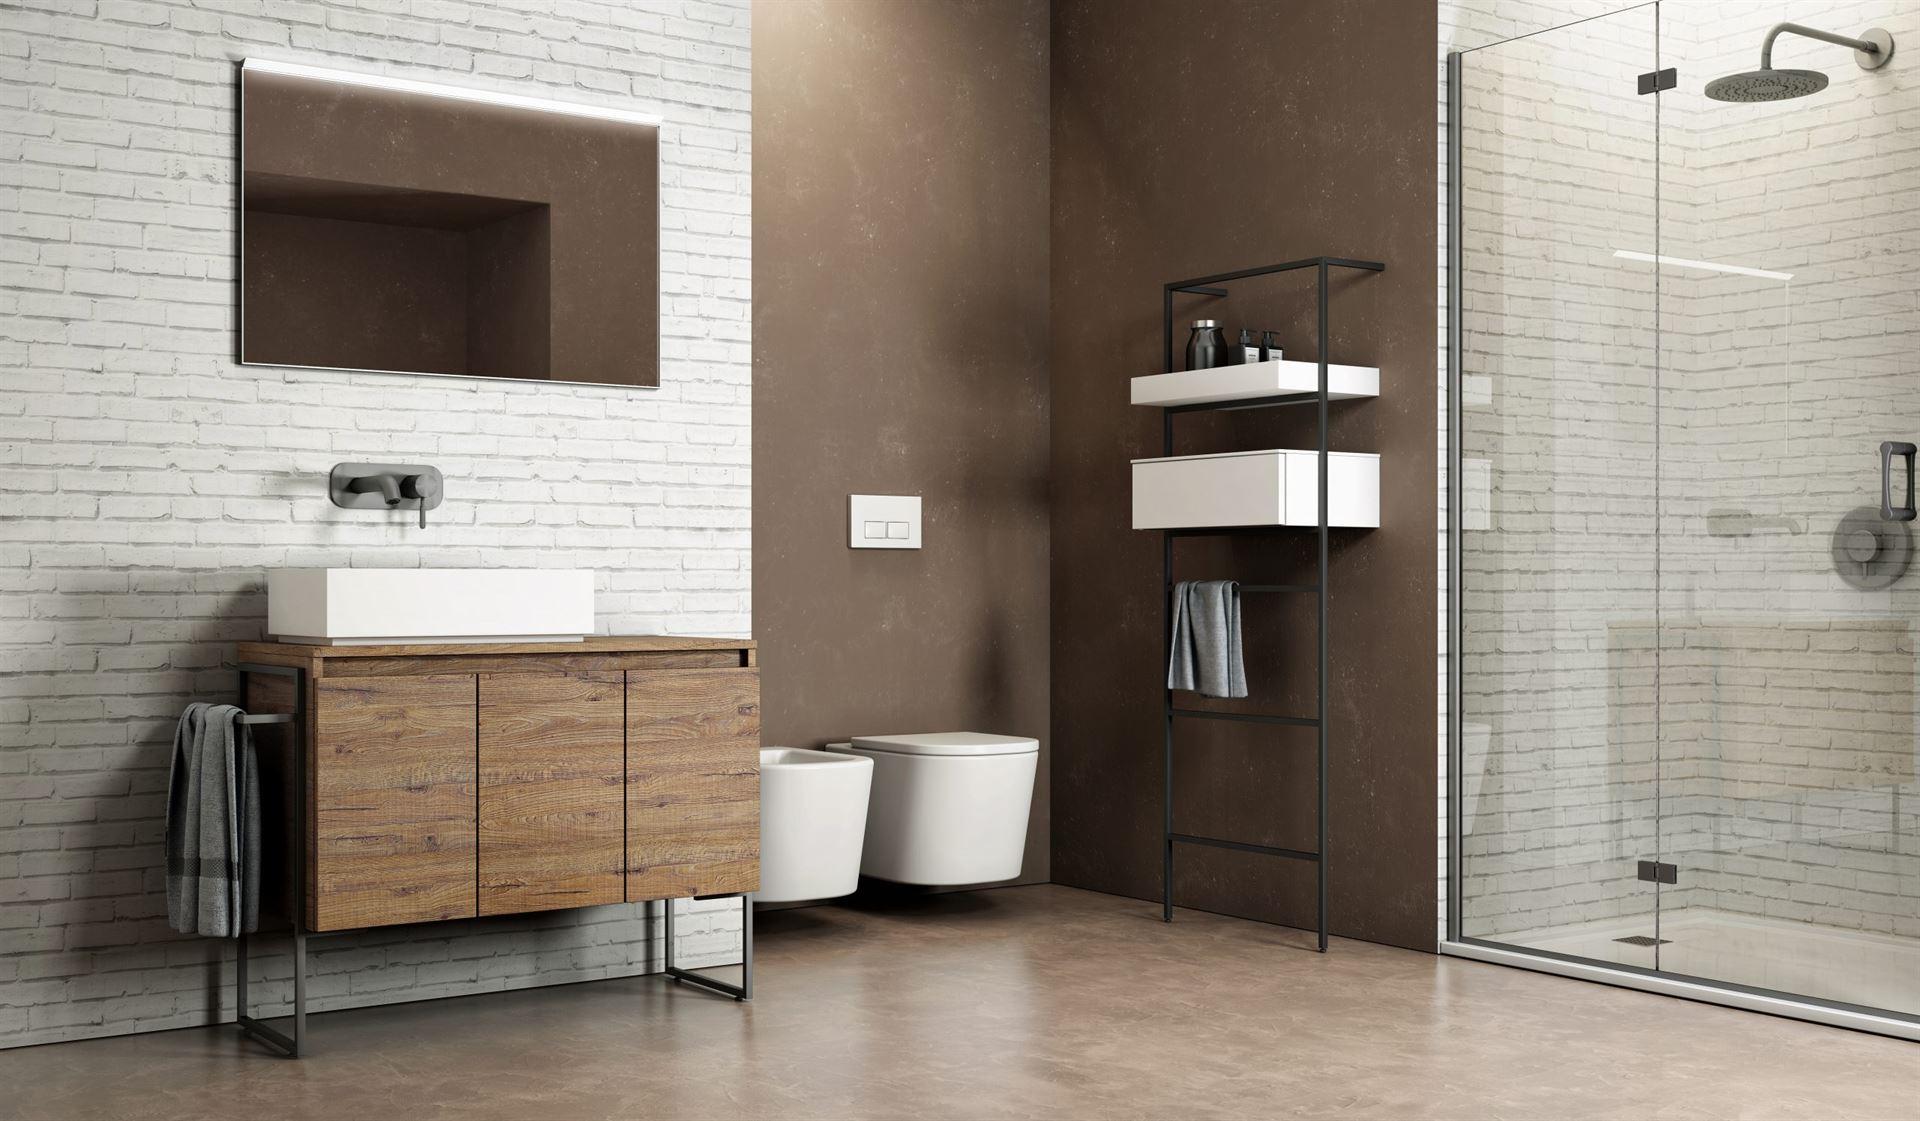 carta da parati per il bagno doccia effetto mattoncini, idrosanitaria lecco